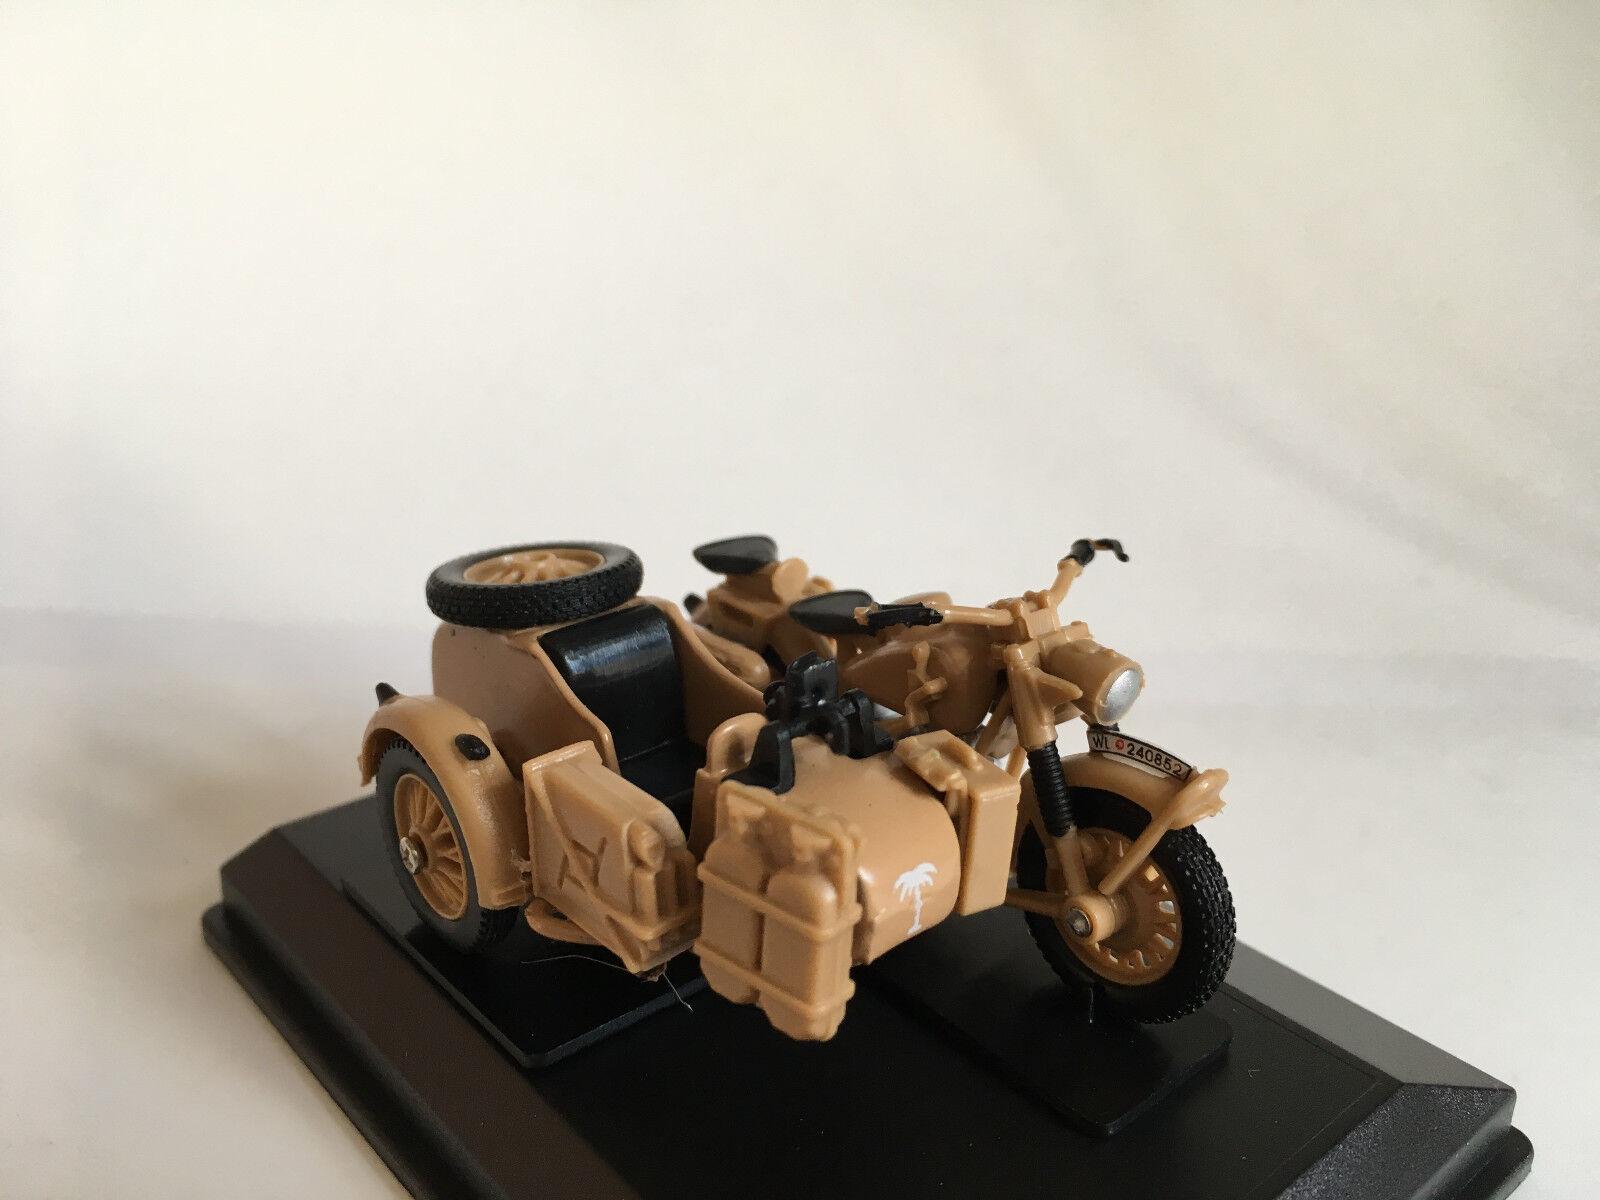 Bmw b r 75 con sidecar África cuerpo de Rommel embalaje original y nuevo de Cararama. grado 1:43